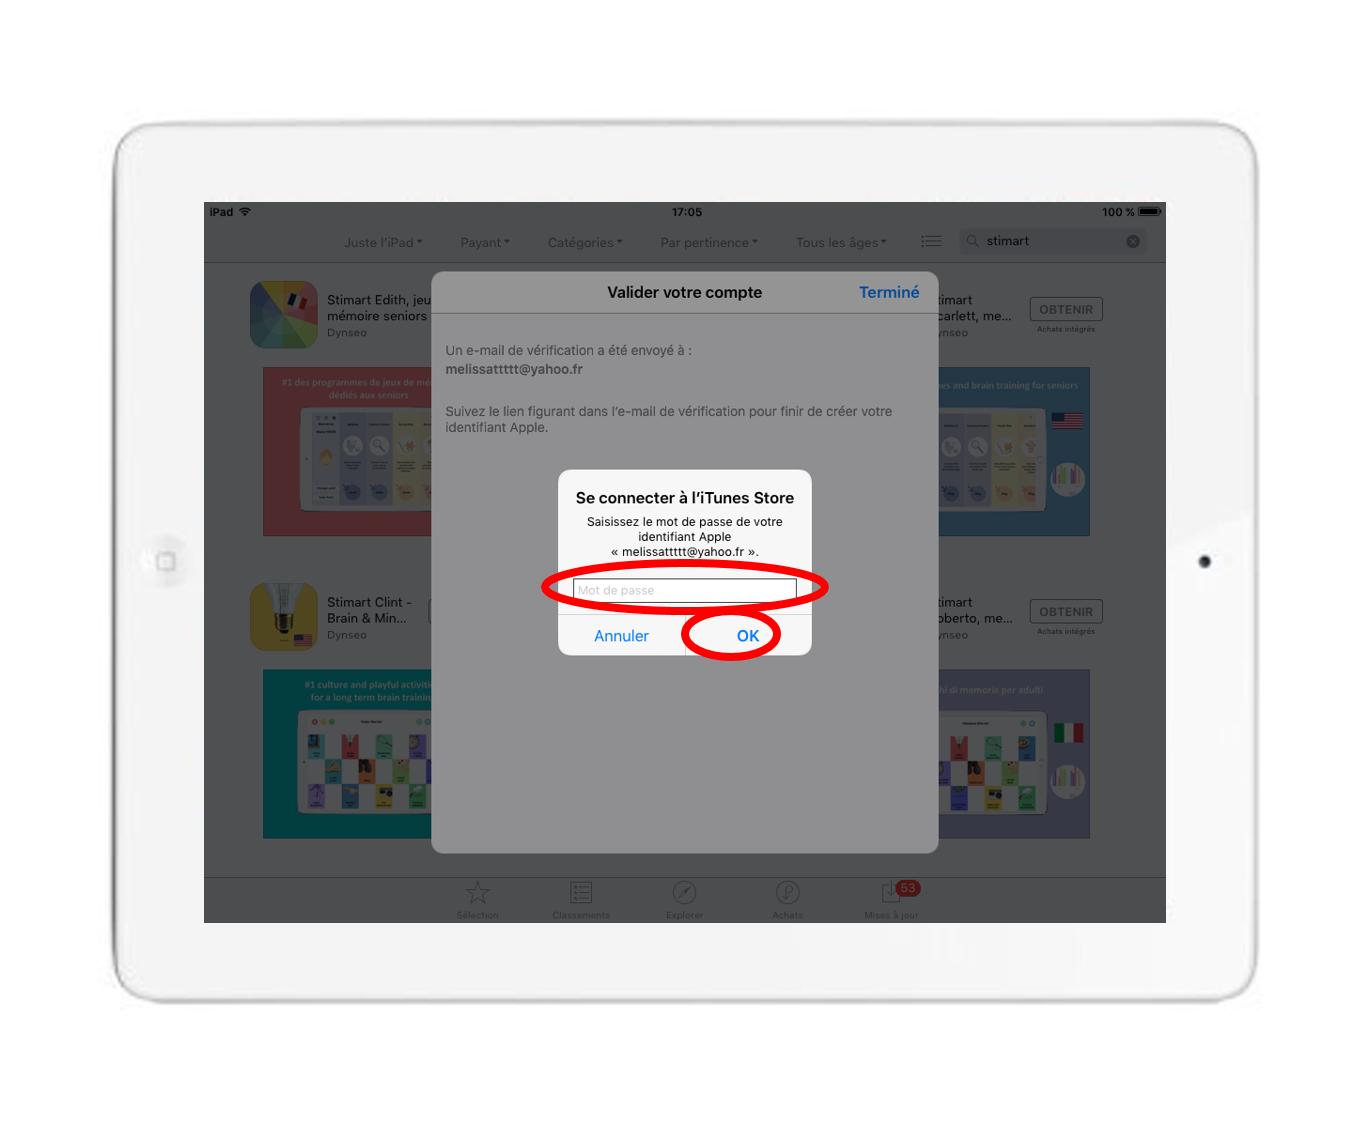 """-Confirmez la création de votre compte lors de la reception du mail en appuyant sur le lien donné. Votre compte est maintenant crée. Renseignez votre mot de passe et appuyez sur le bouton """"Ok""""."""